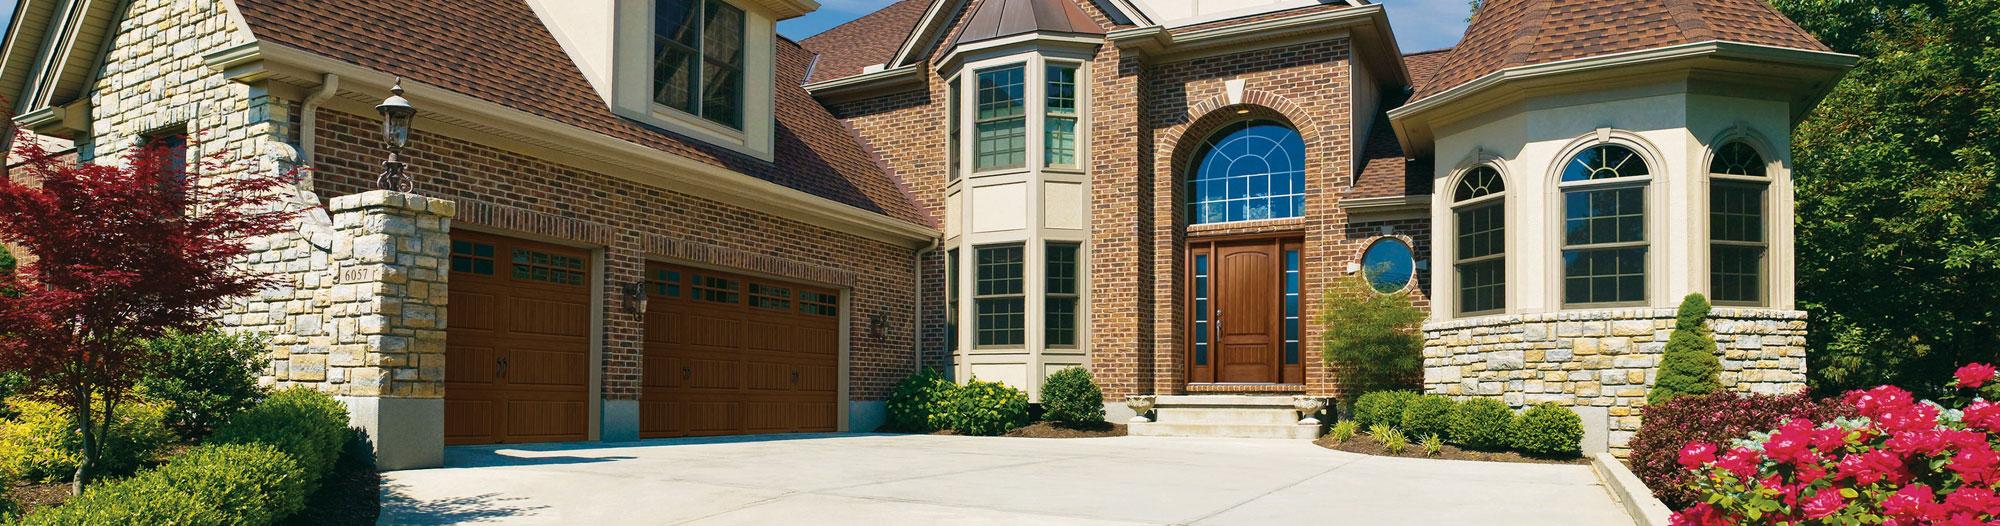 me we your doors rj repair raleigh service brands door garage near all treat